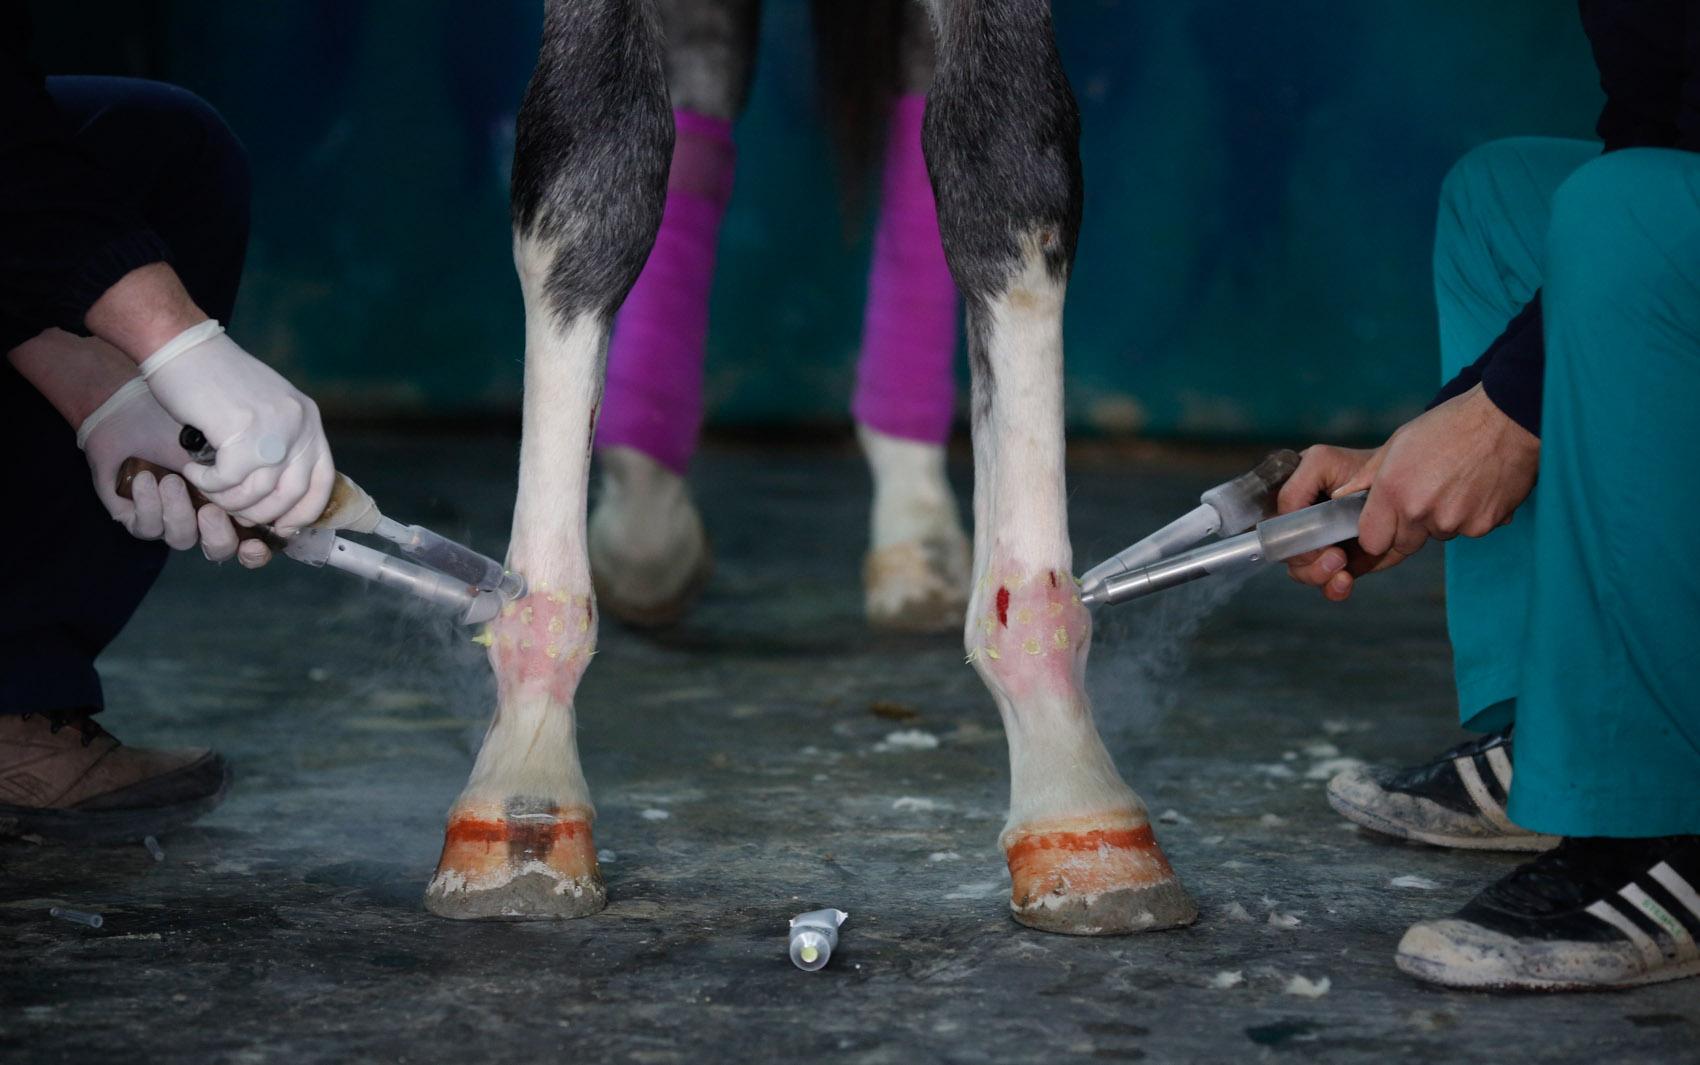 Técnicos veterinários realizam uma sessão de fisioterapia com choques elétricos em um cavalo de corrida